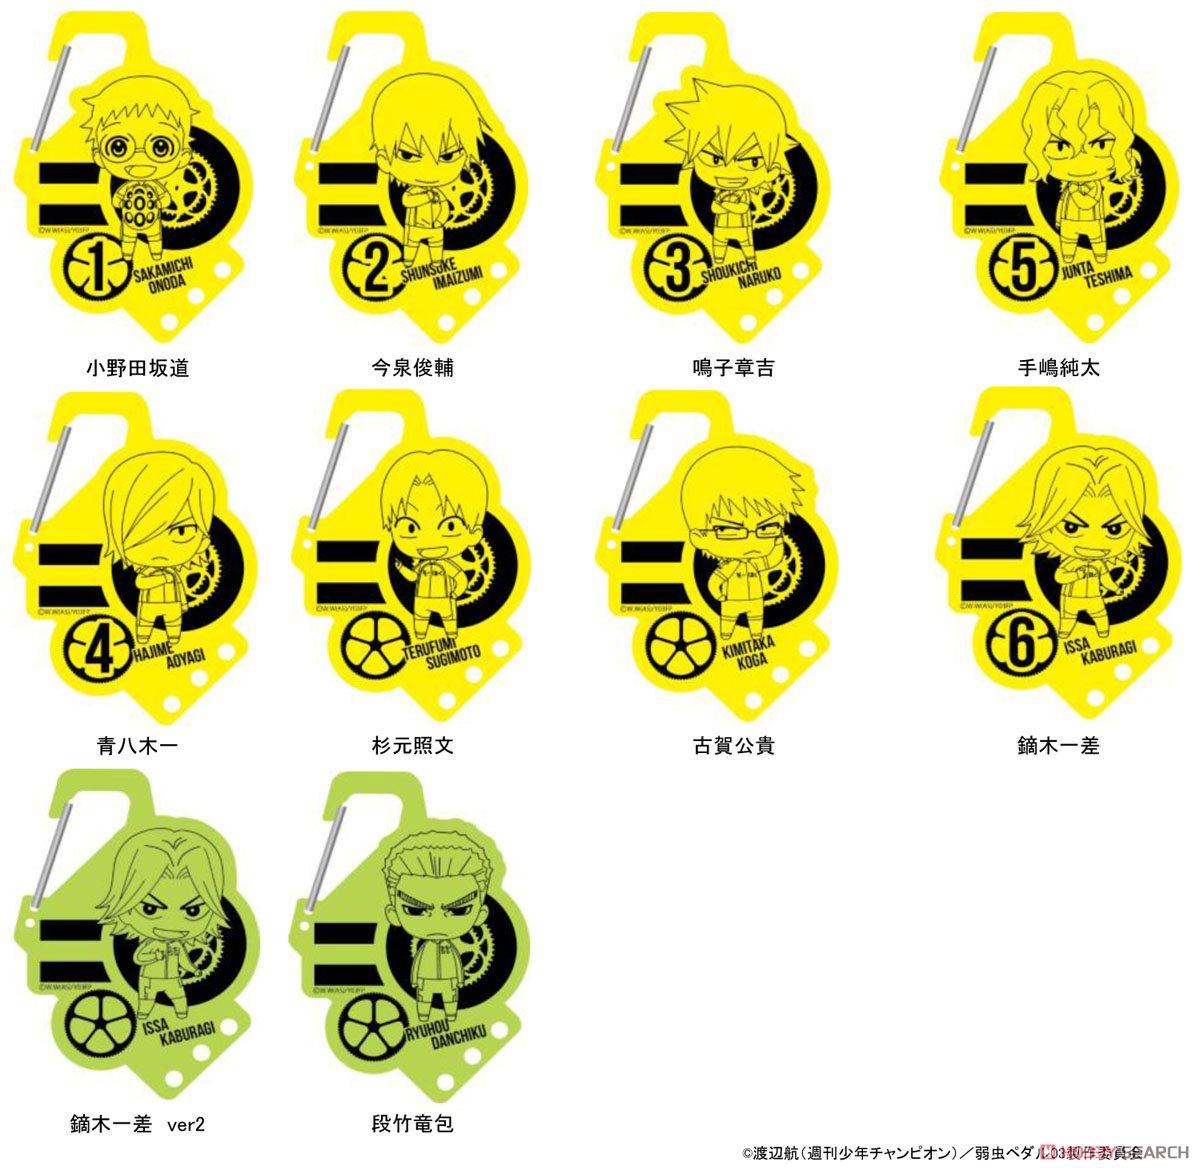 【7月上旬予約】弱虫ペダル NEW GENERATION アクリルカラビナ (コンテンツシード) 予約開始です!→弱ペダ